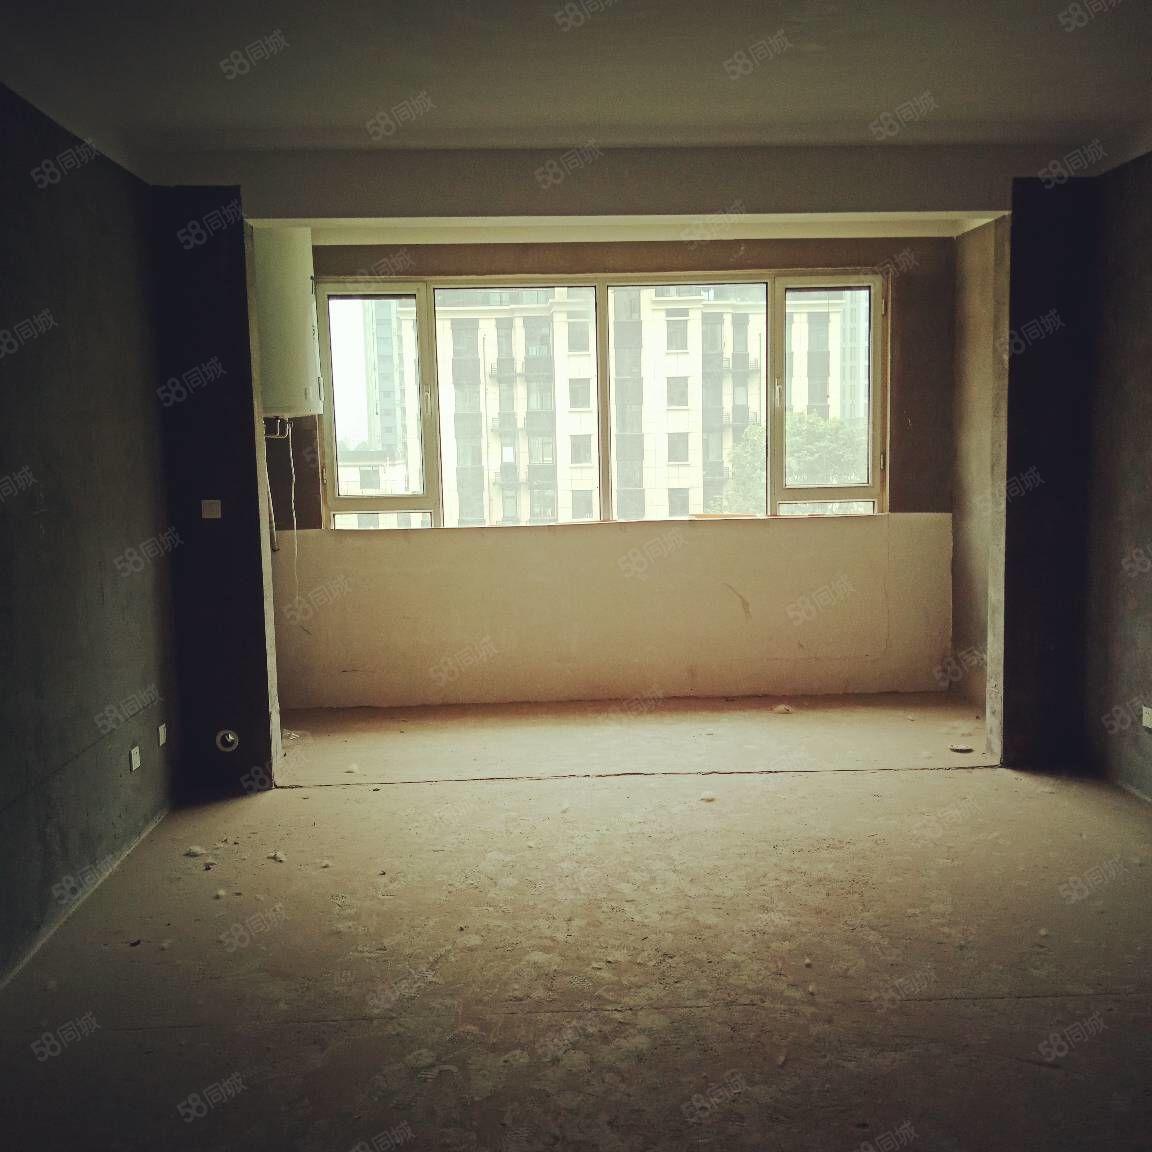 金泰舒格兰二期洋房大三室二厅二卫